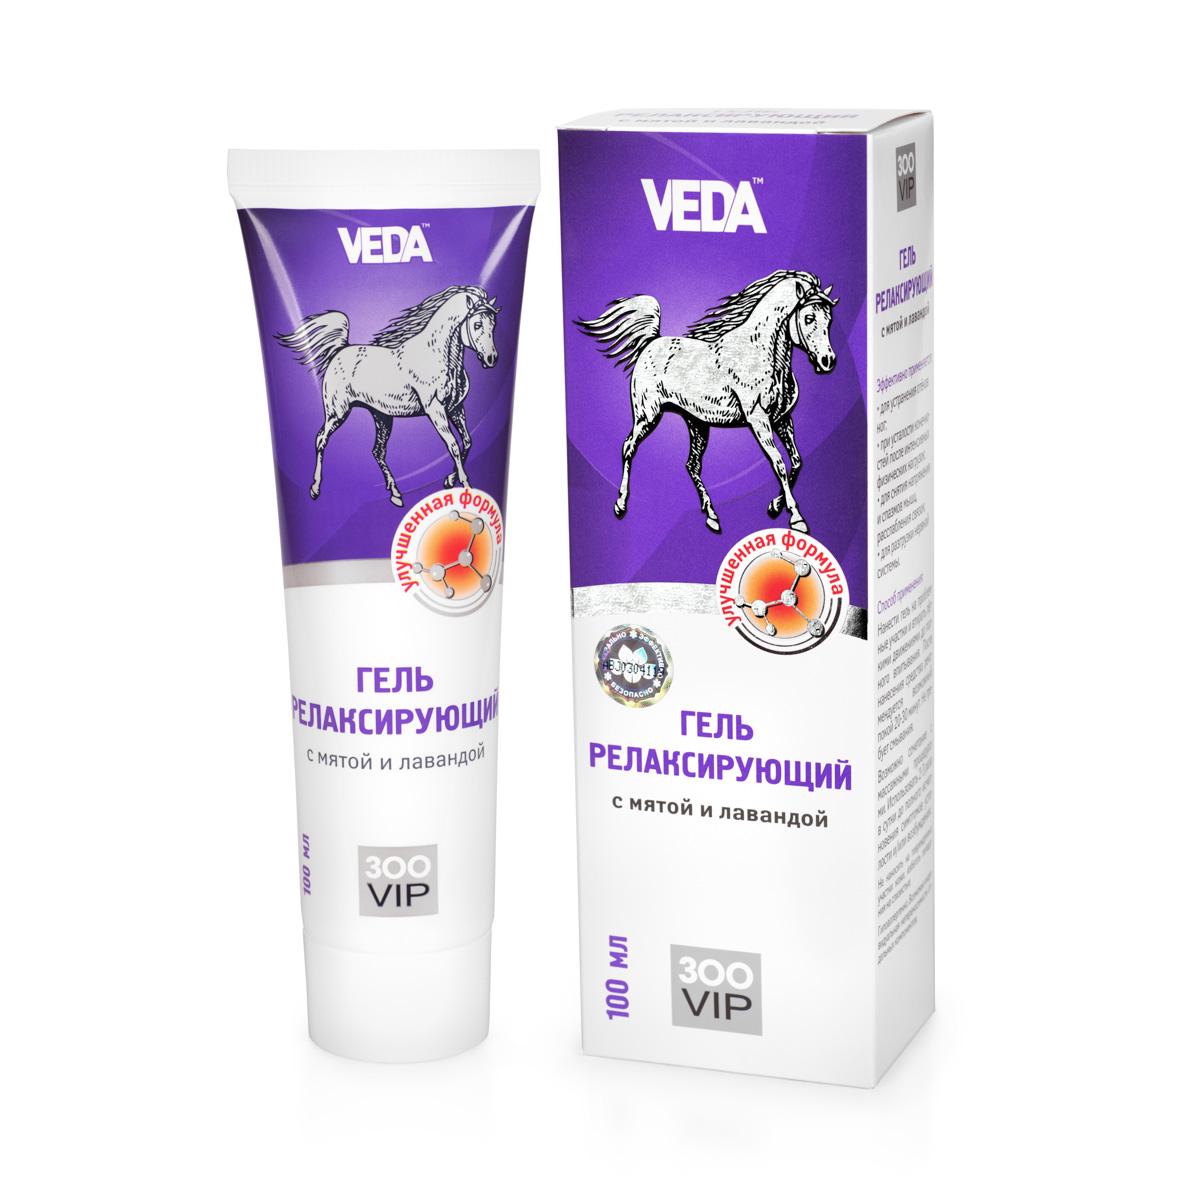 Гель для лошадей VEDA ЗооVip, релаксирующий, с мятой и лавандой, 100 мл4605543007187Гель для лошадей VEDA ЗооVip приносит мгновенное облегчение при уходе за конечностями благодаря специальным комплексам, оказывающим заметный эффект по 3 направлениям: расслабление, снятие отёков, разгрузка нервной системы. Охлаждающий комплекс действует немедленно после нанесения, снижая температуру кожи и снимая ощущение тяжести и усталости в ногах. Фитокомплекс донника, арники и плодов конского каштана способствует укреплению стенок капилляров, обеспечивает улучшение венозного кровообращения, эффективно устраняет отёчность. Лаванда оказывает антистрессовое воздействие, устраняет эмоциональное напряжение. Состав: вода очищенная; глицерин; натуральный ментол; флокаре ЕТ58; камфора; лаванды масло эфирное; фитокомплекс: плодов каштана, травы донника, цветков арники, прополиса; мяты масло эфирное; консервант. Товар сертифицирован.